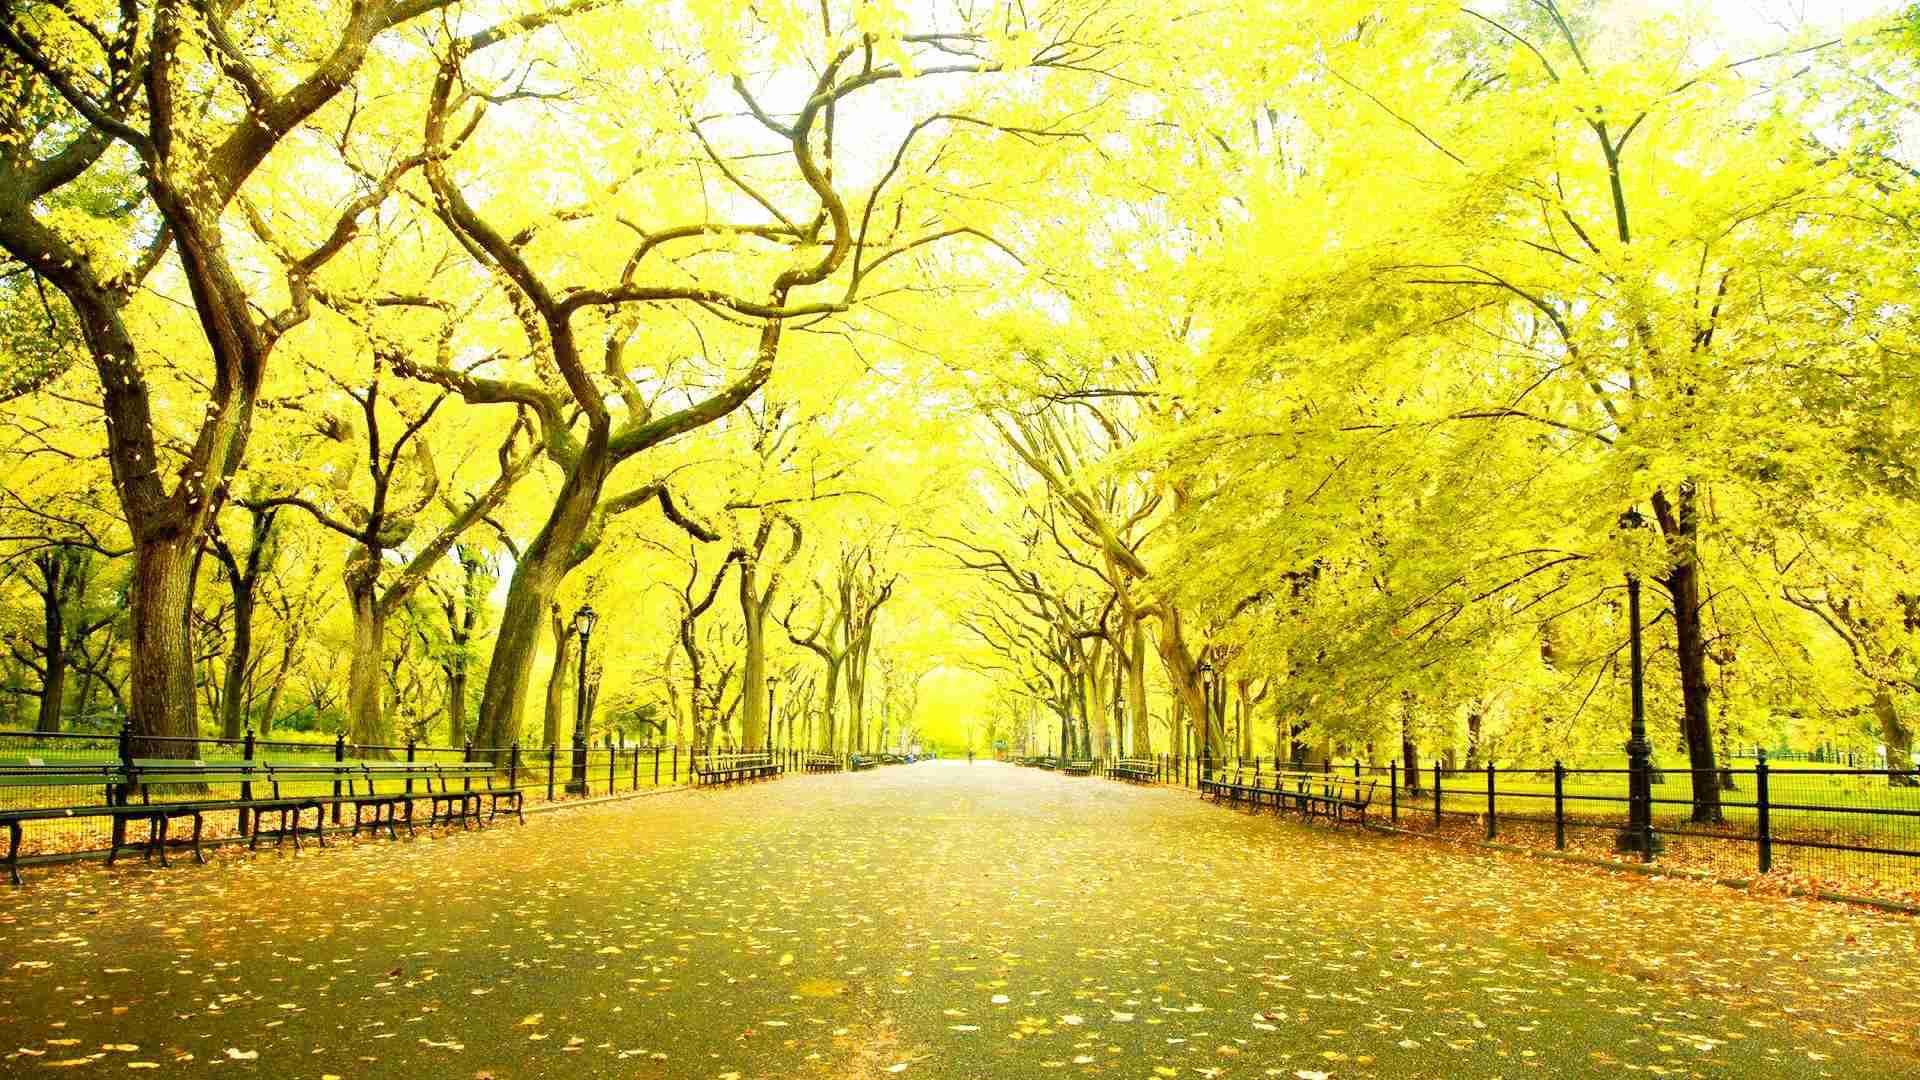 ニューヨークセントラルパーク秋 Hd壁紙1080pワイドスクリーン 19x1080 Wallpapertip